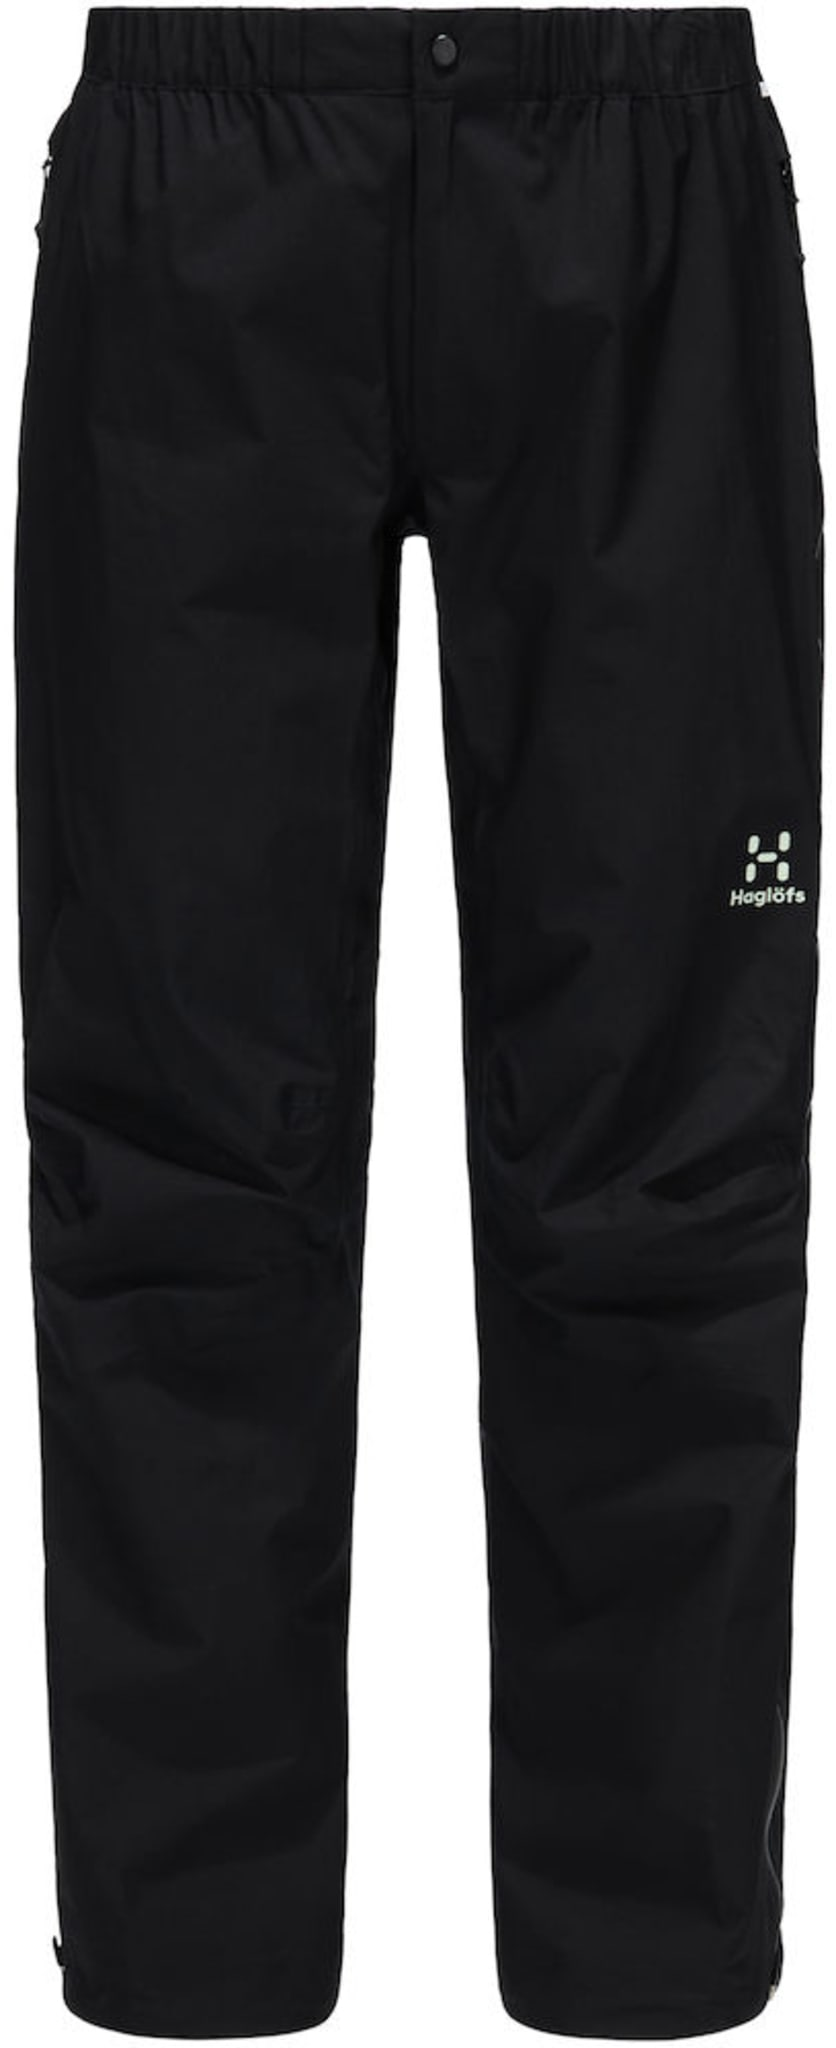 Ekstremt lett og pustende bukse som er enkel å pakke